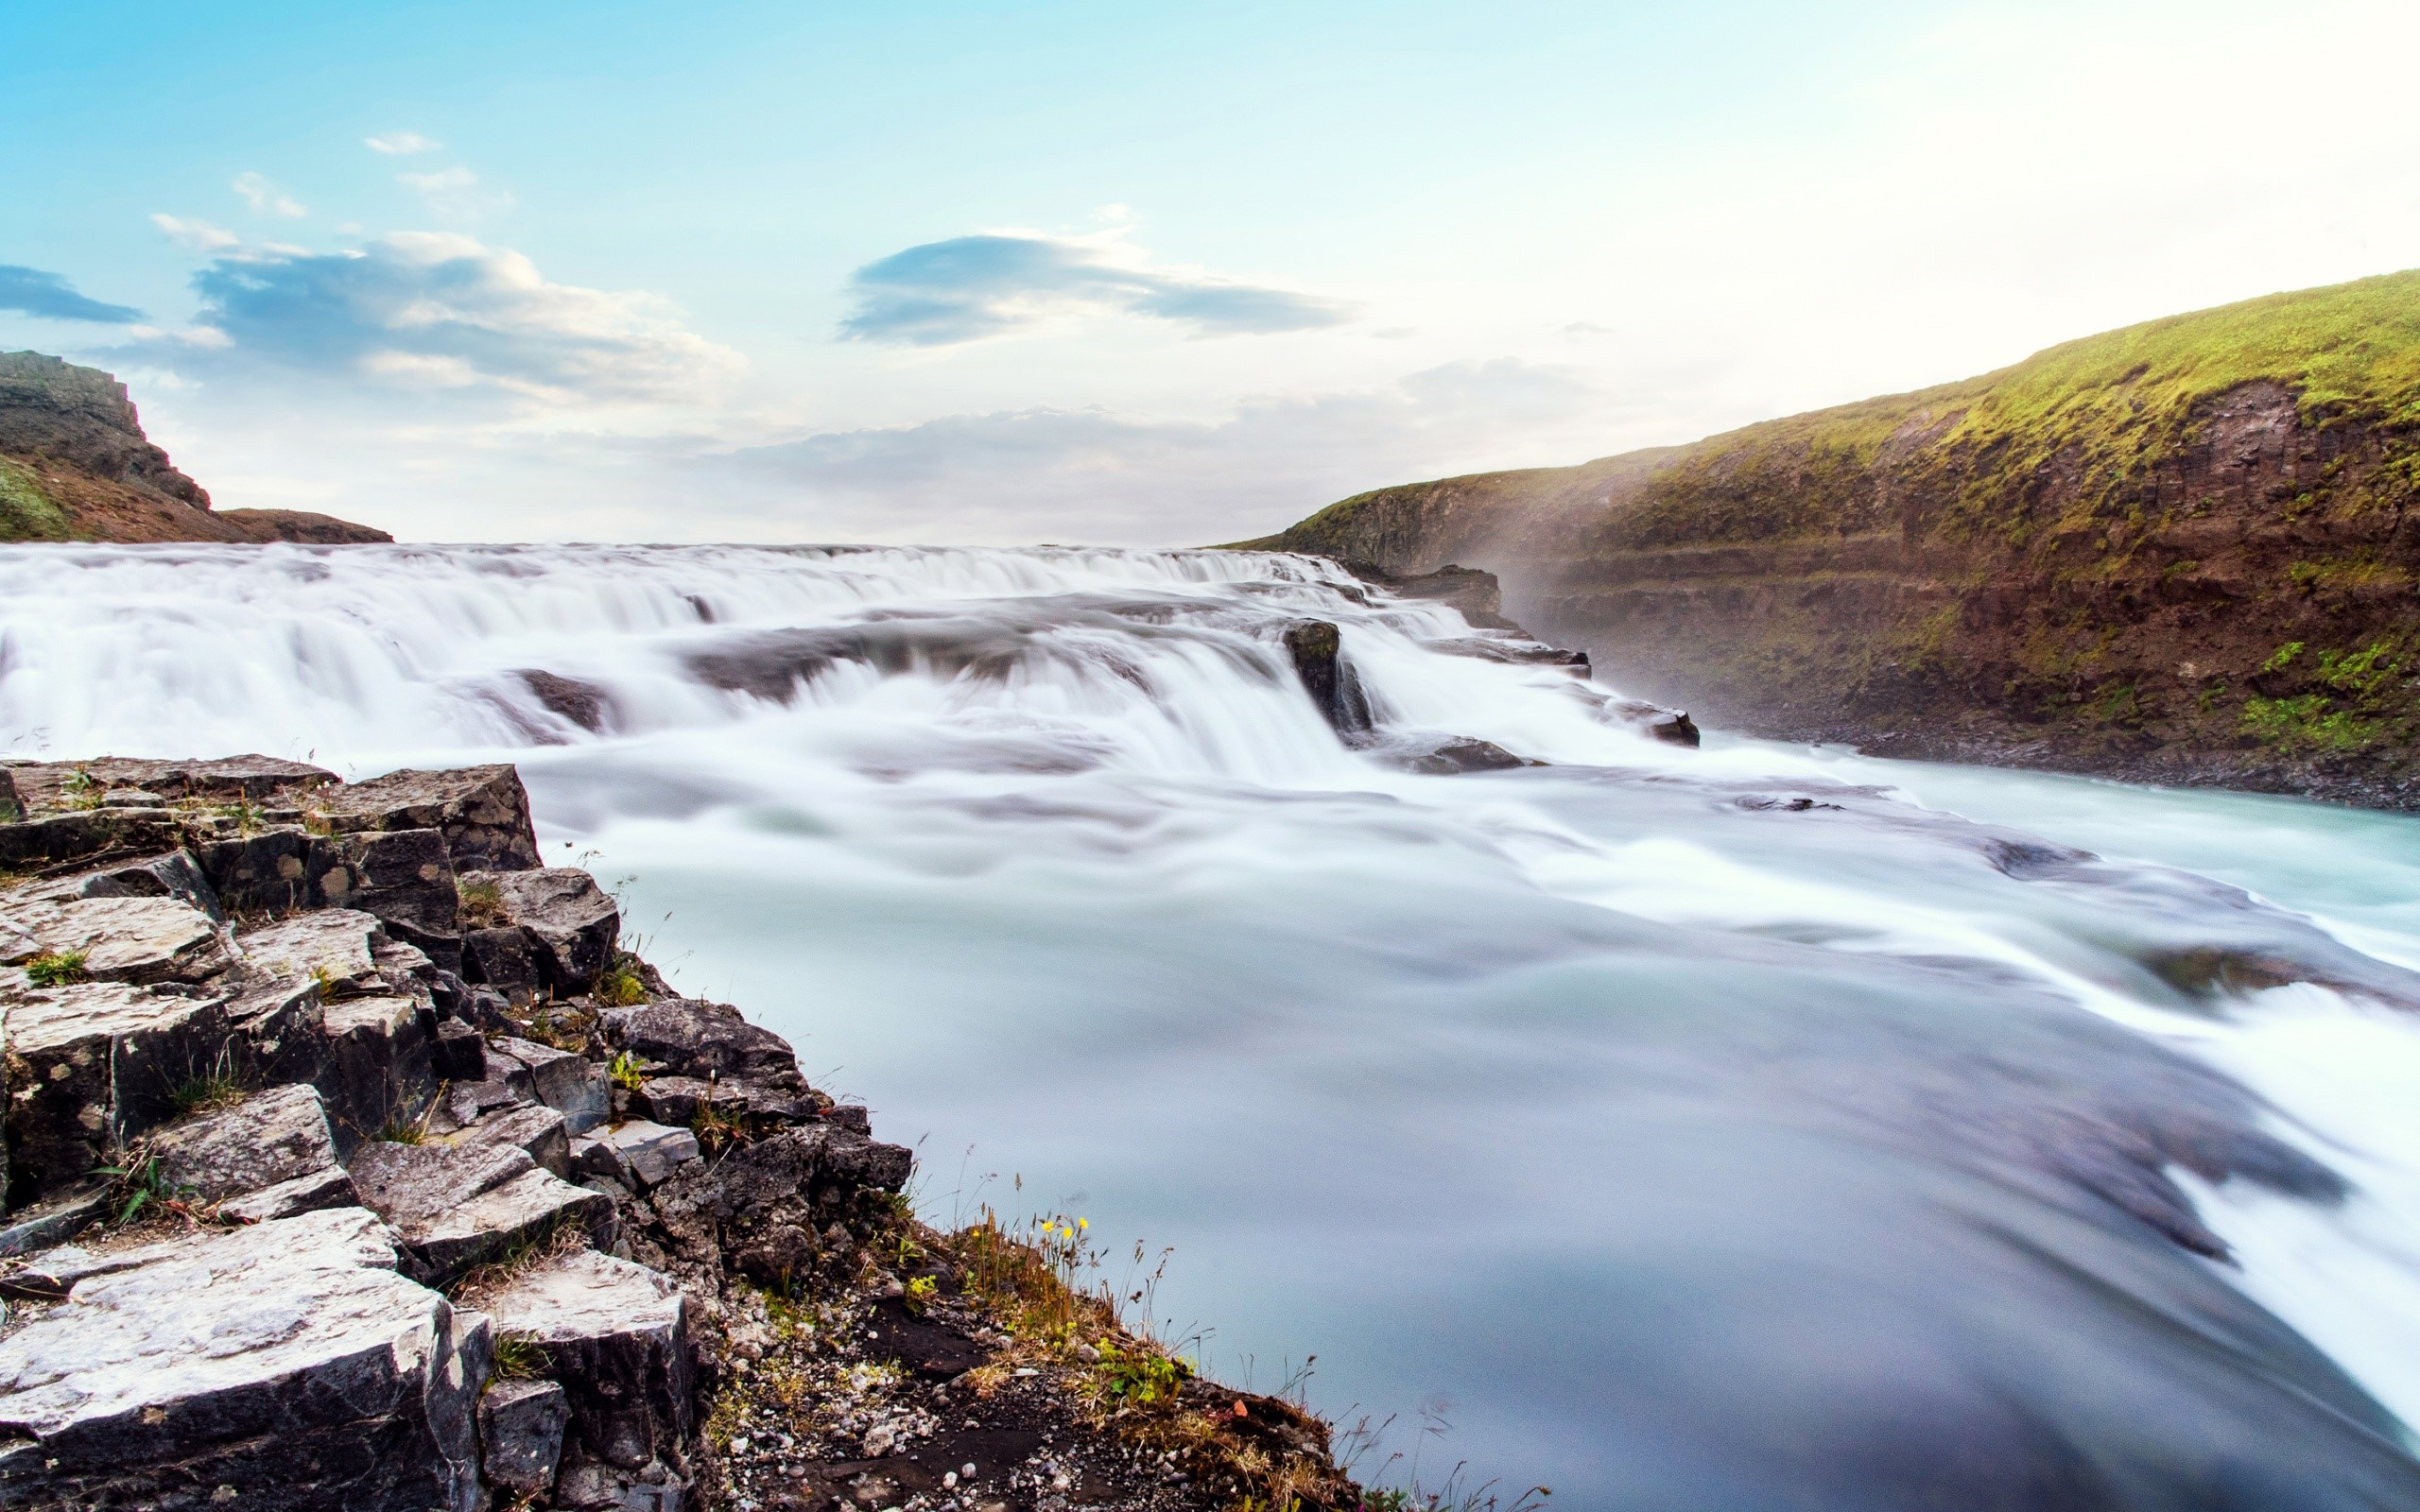 Wallpaper Steam National Park thingvellir in Iceland